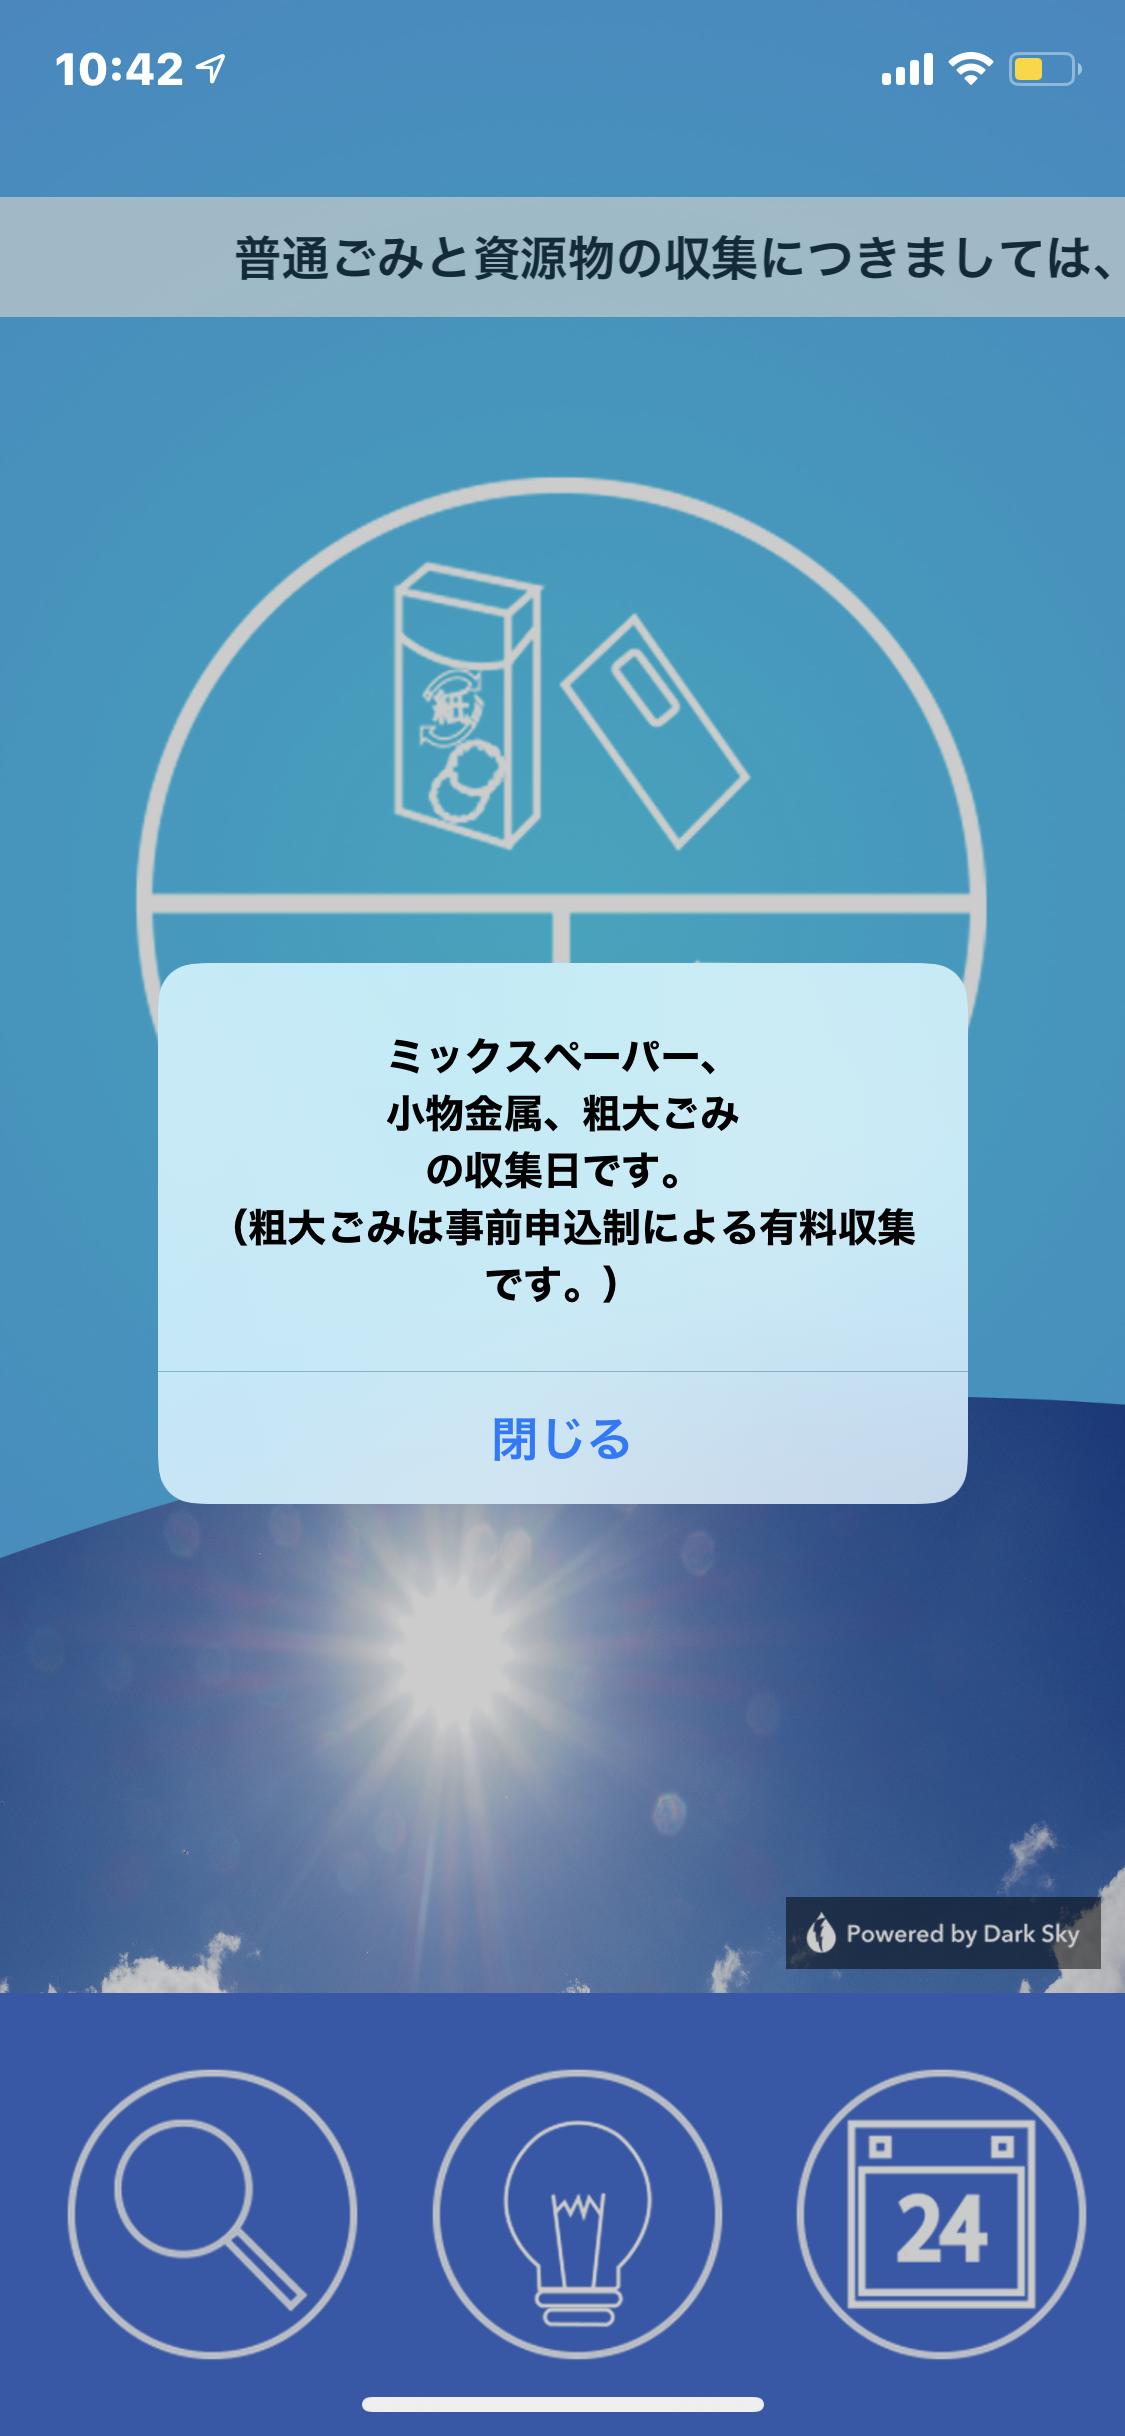 申し込み ゴミ 横浜 粗大 市